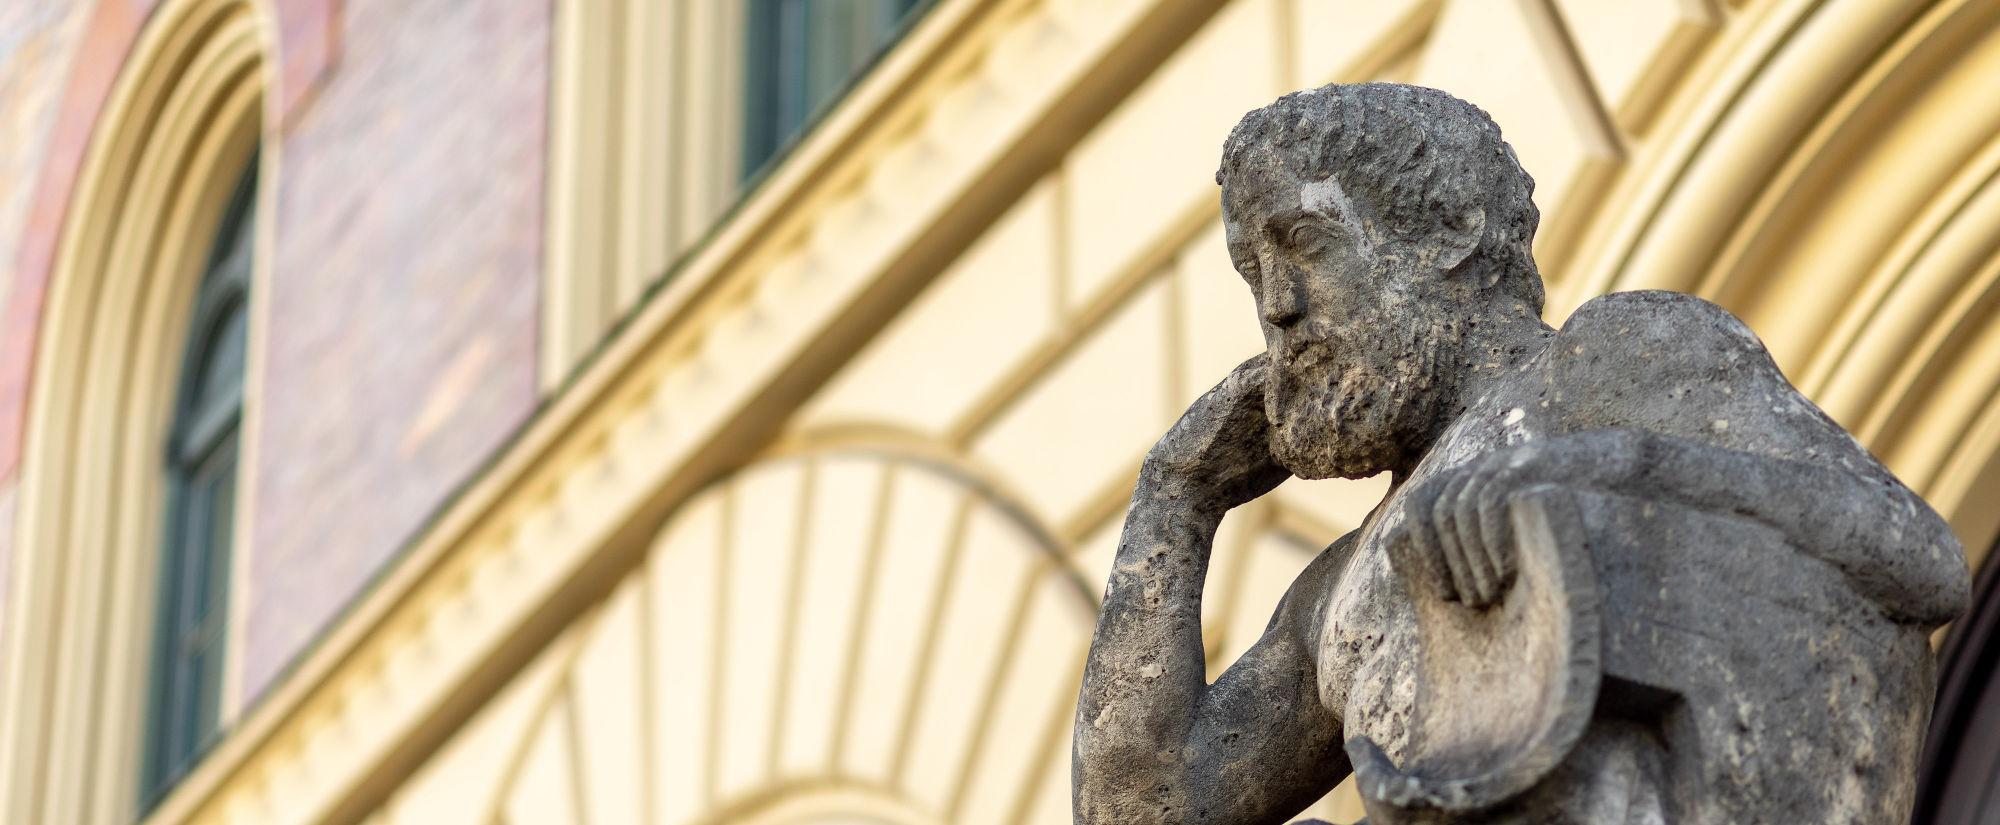 Skulptur in München - Mann in nachdenklicher Pose auf einem Sessel